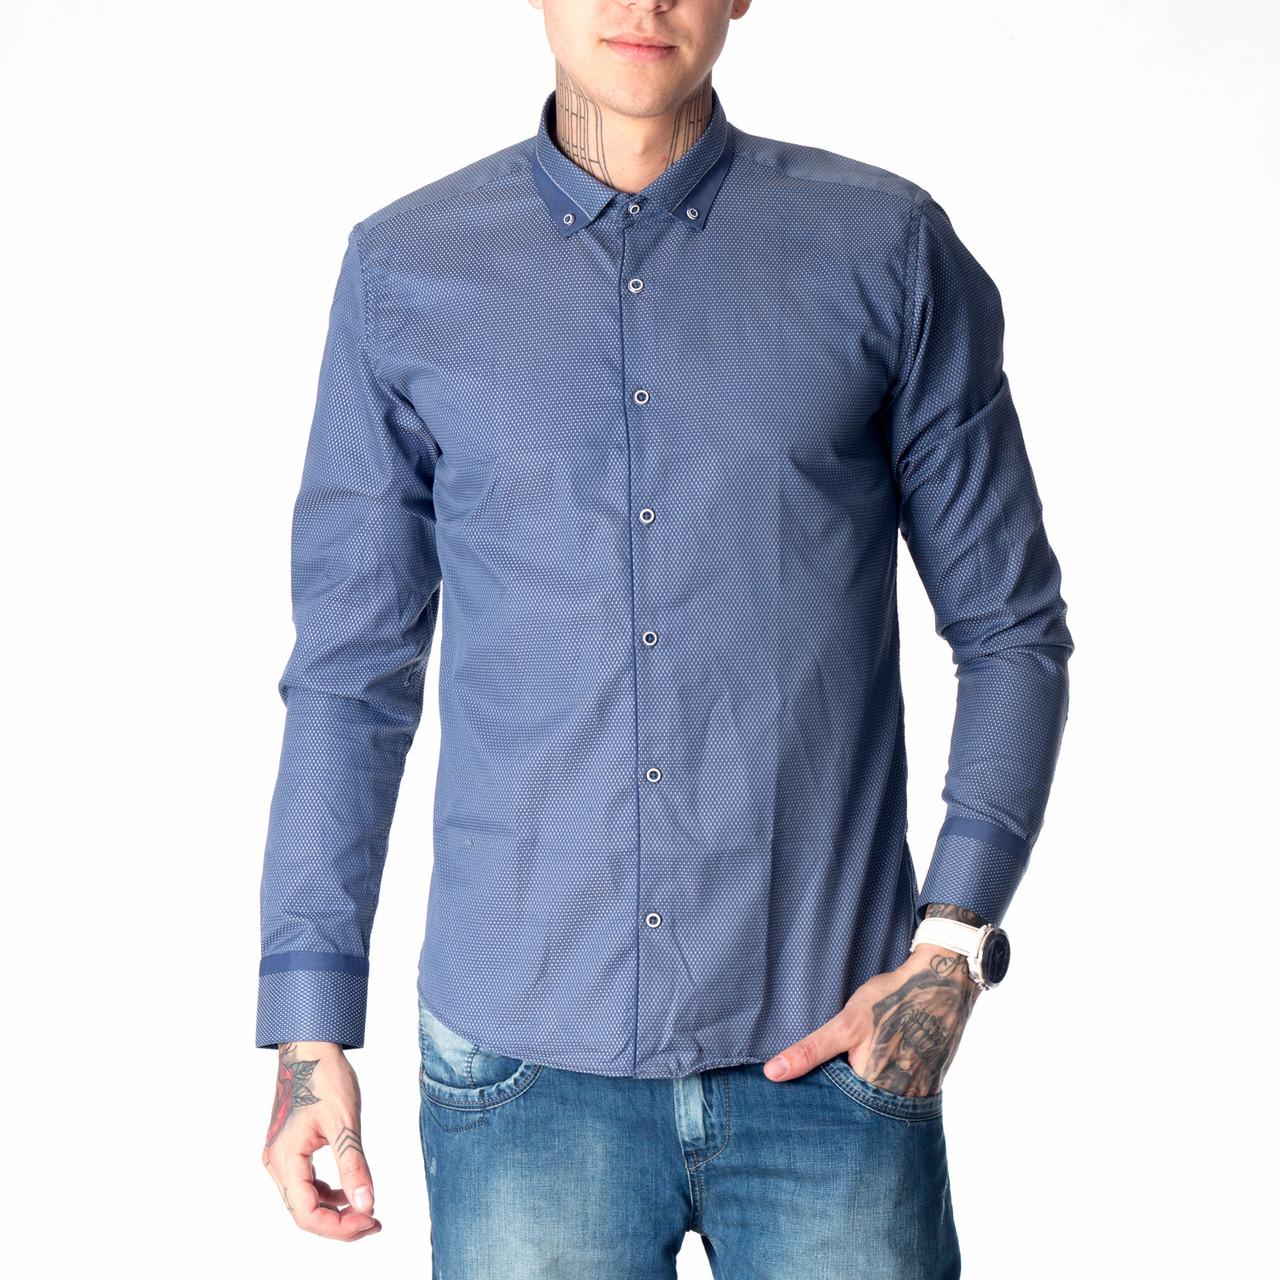 d098597679f Купить мужскую рубашку с длинным рукавом с бесплатной доставкой по ...